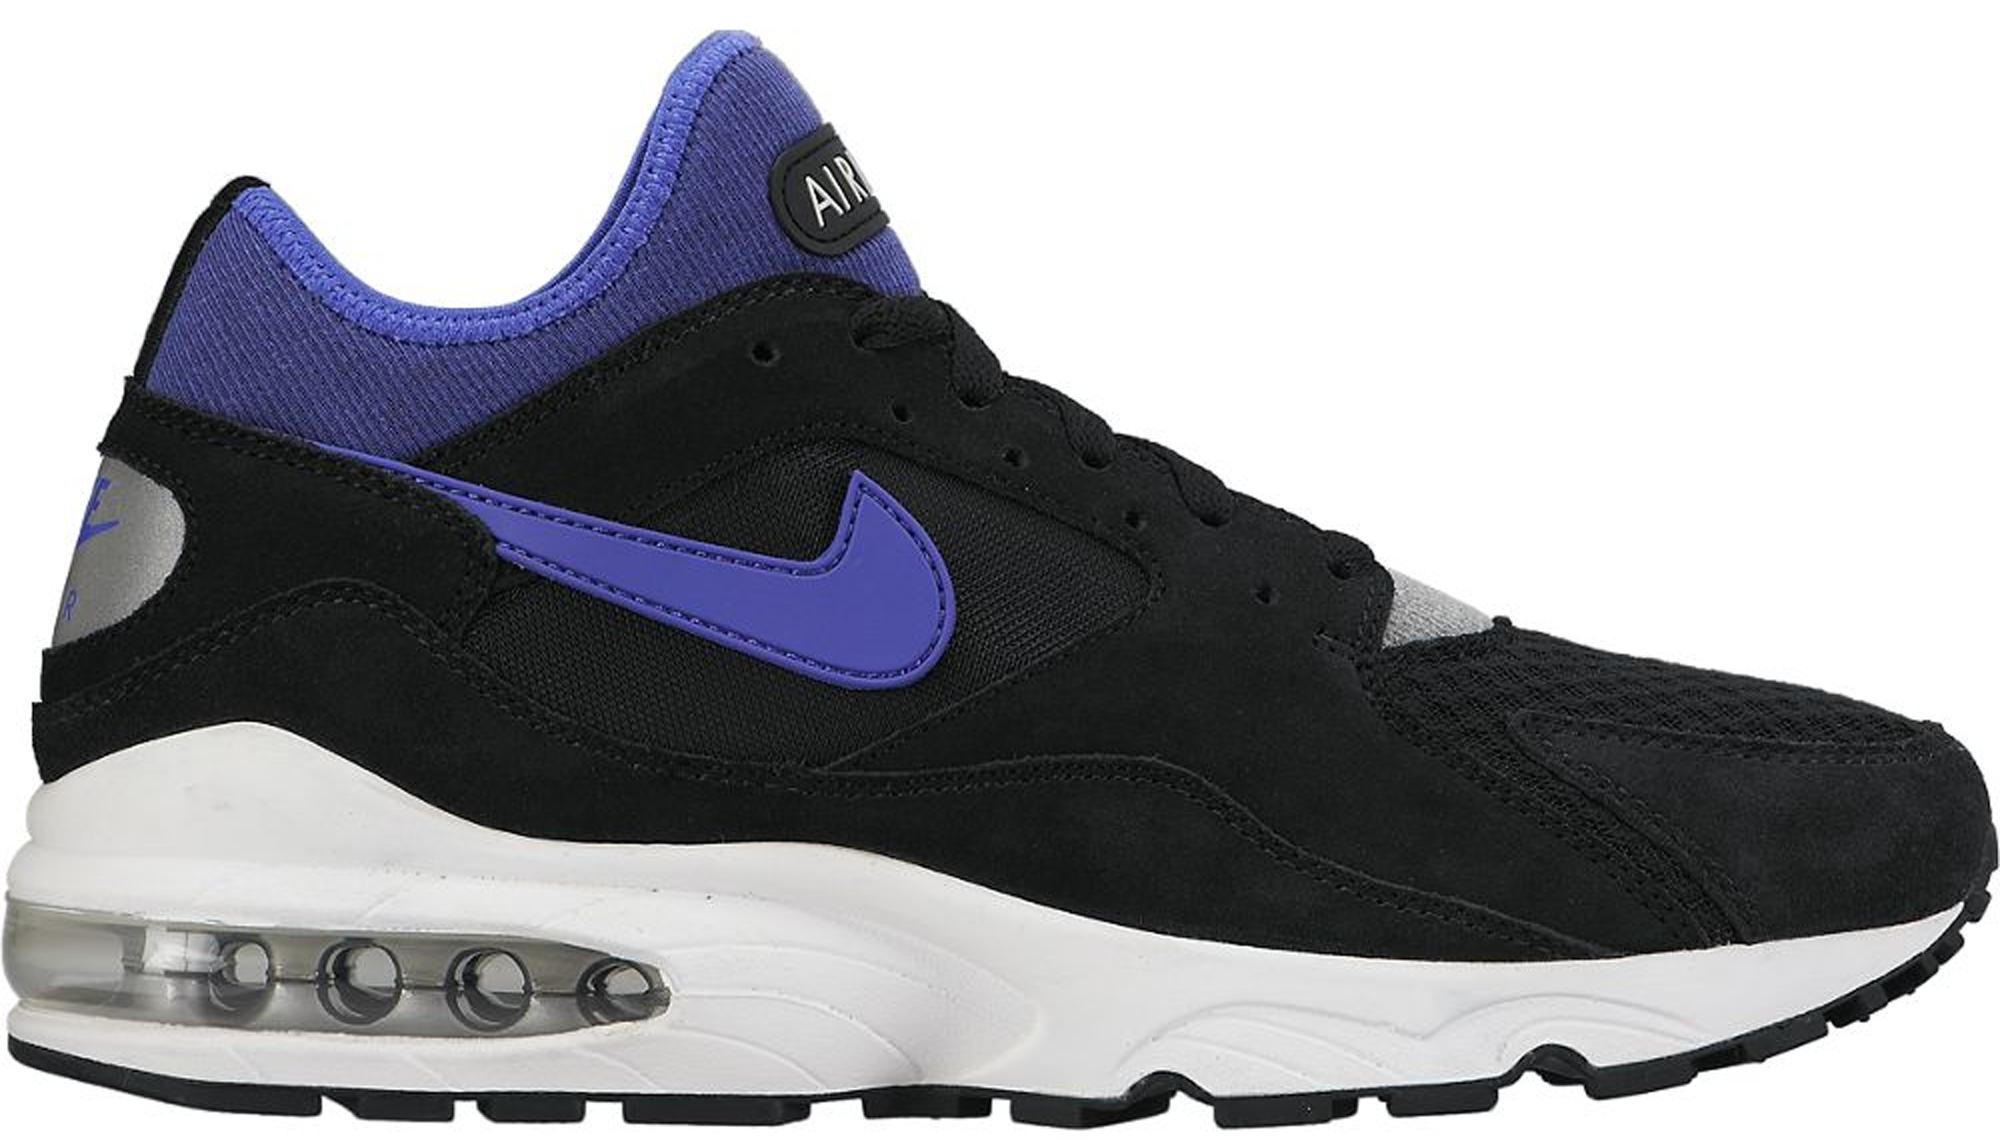 Nike Air Max 93 Black Persian Violet